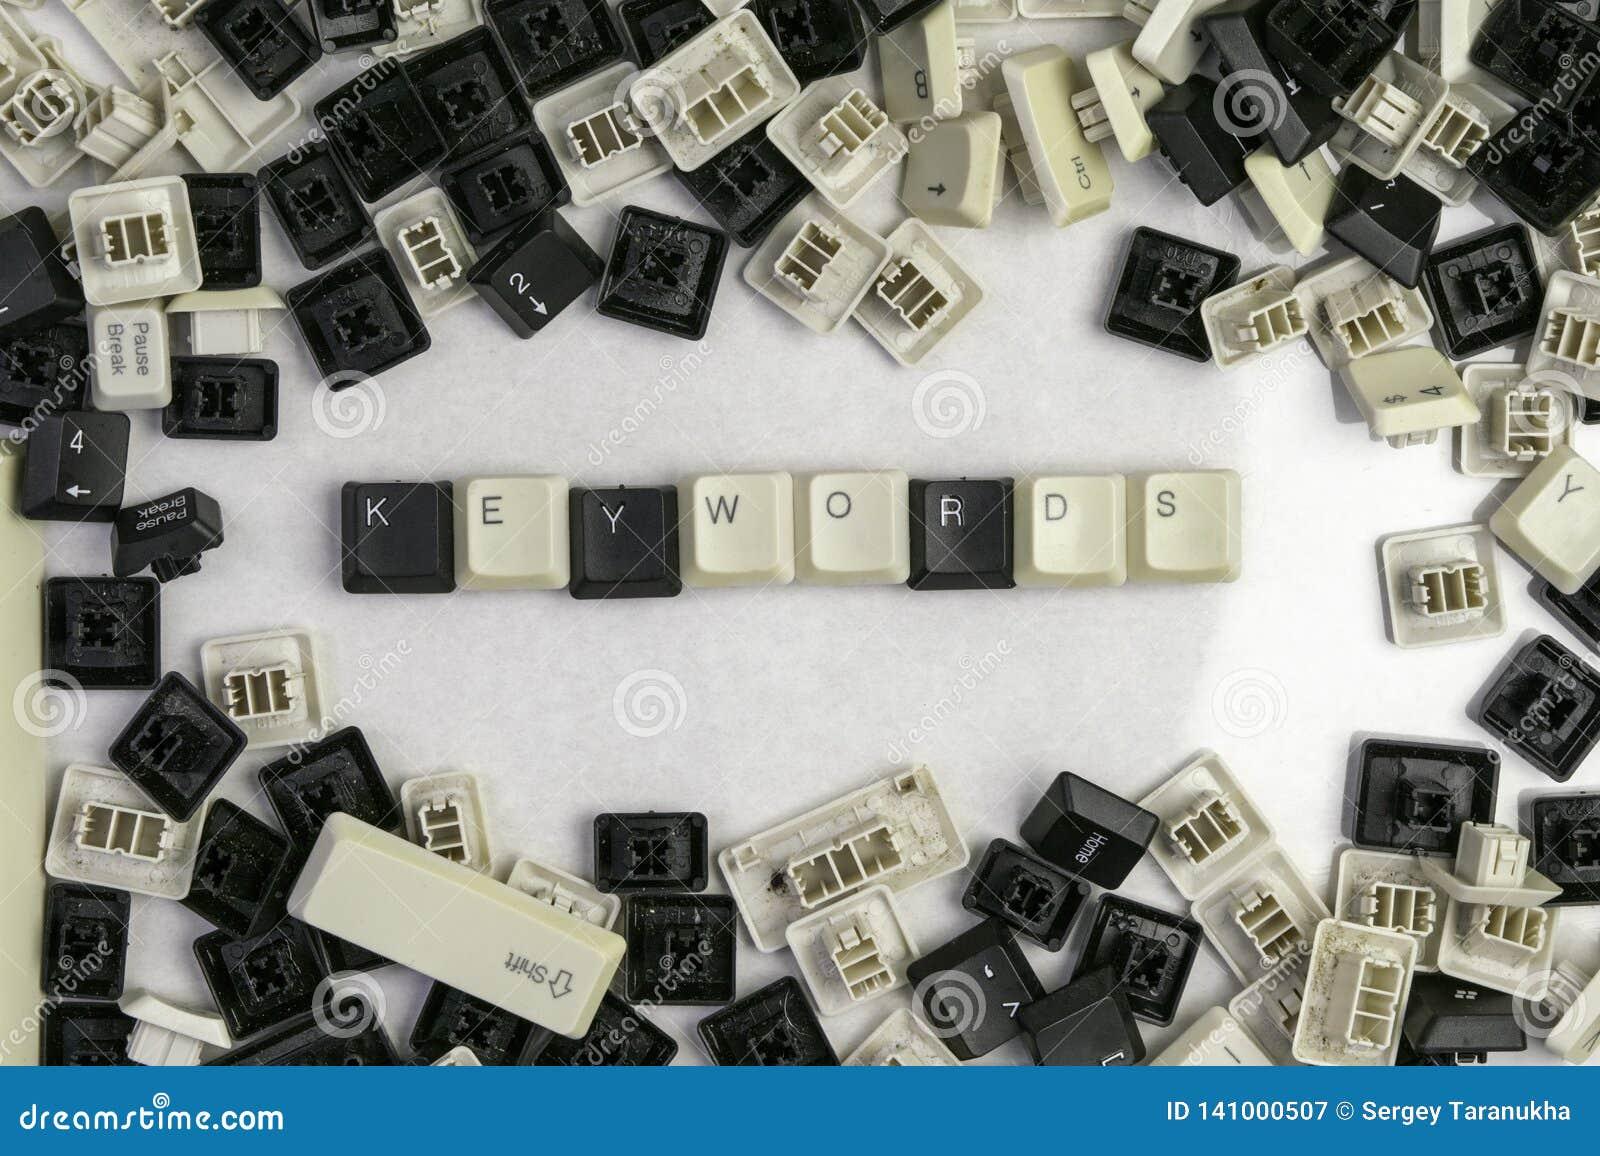 Cerrando trabajos sobre microstocks, las palabras claves de la palabra dobladas de las llaves del teclado viejo